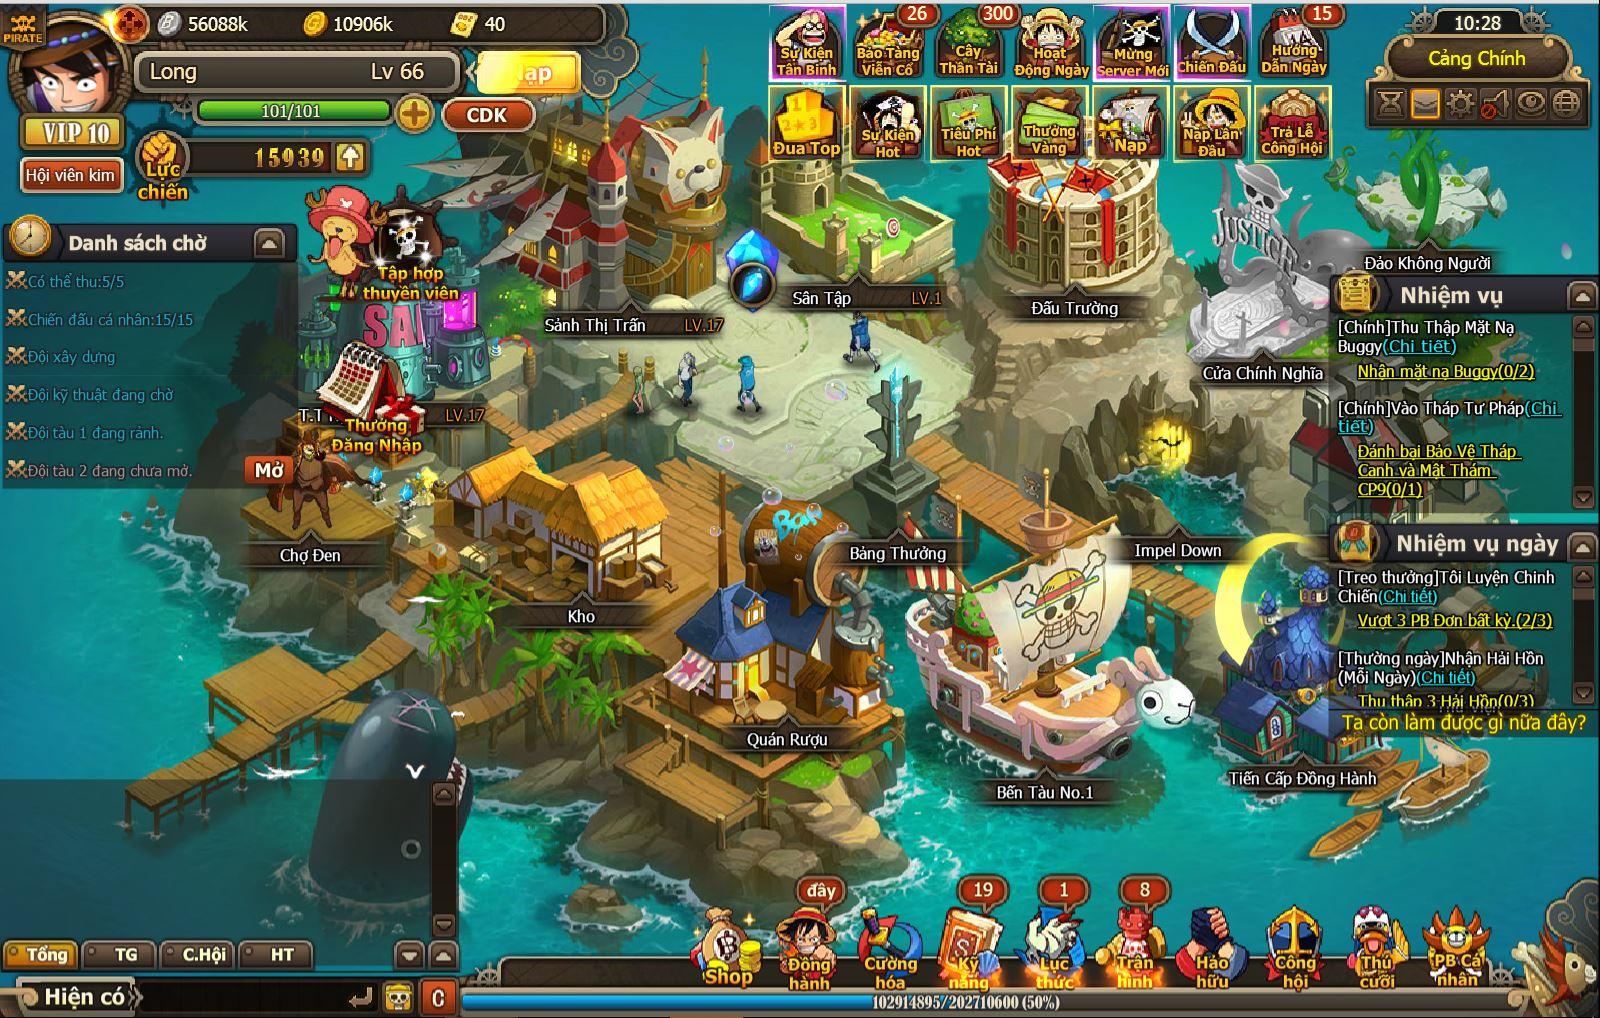 Đại Hải Trình – Tuyệt phẩm game manga dành riêng cho fan One Piece 4